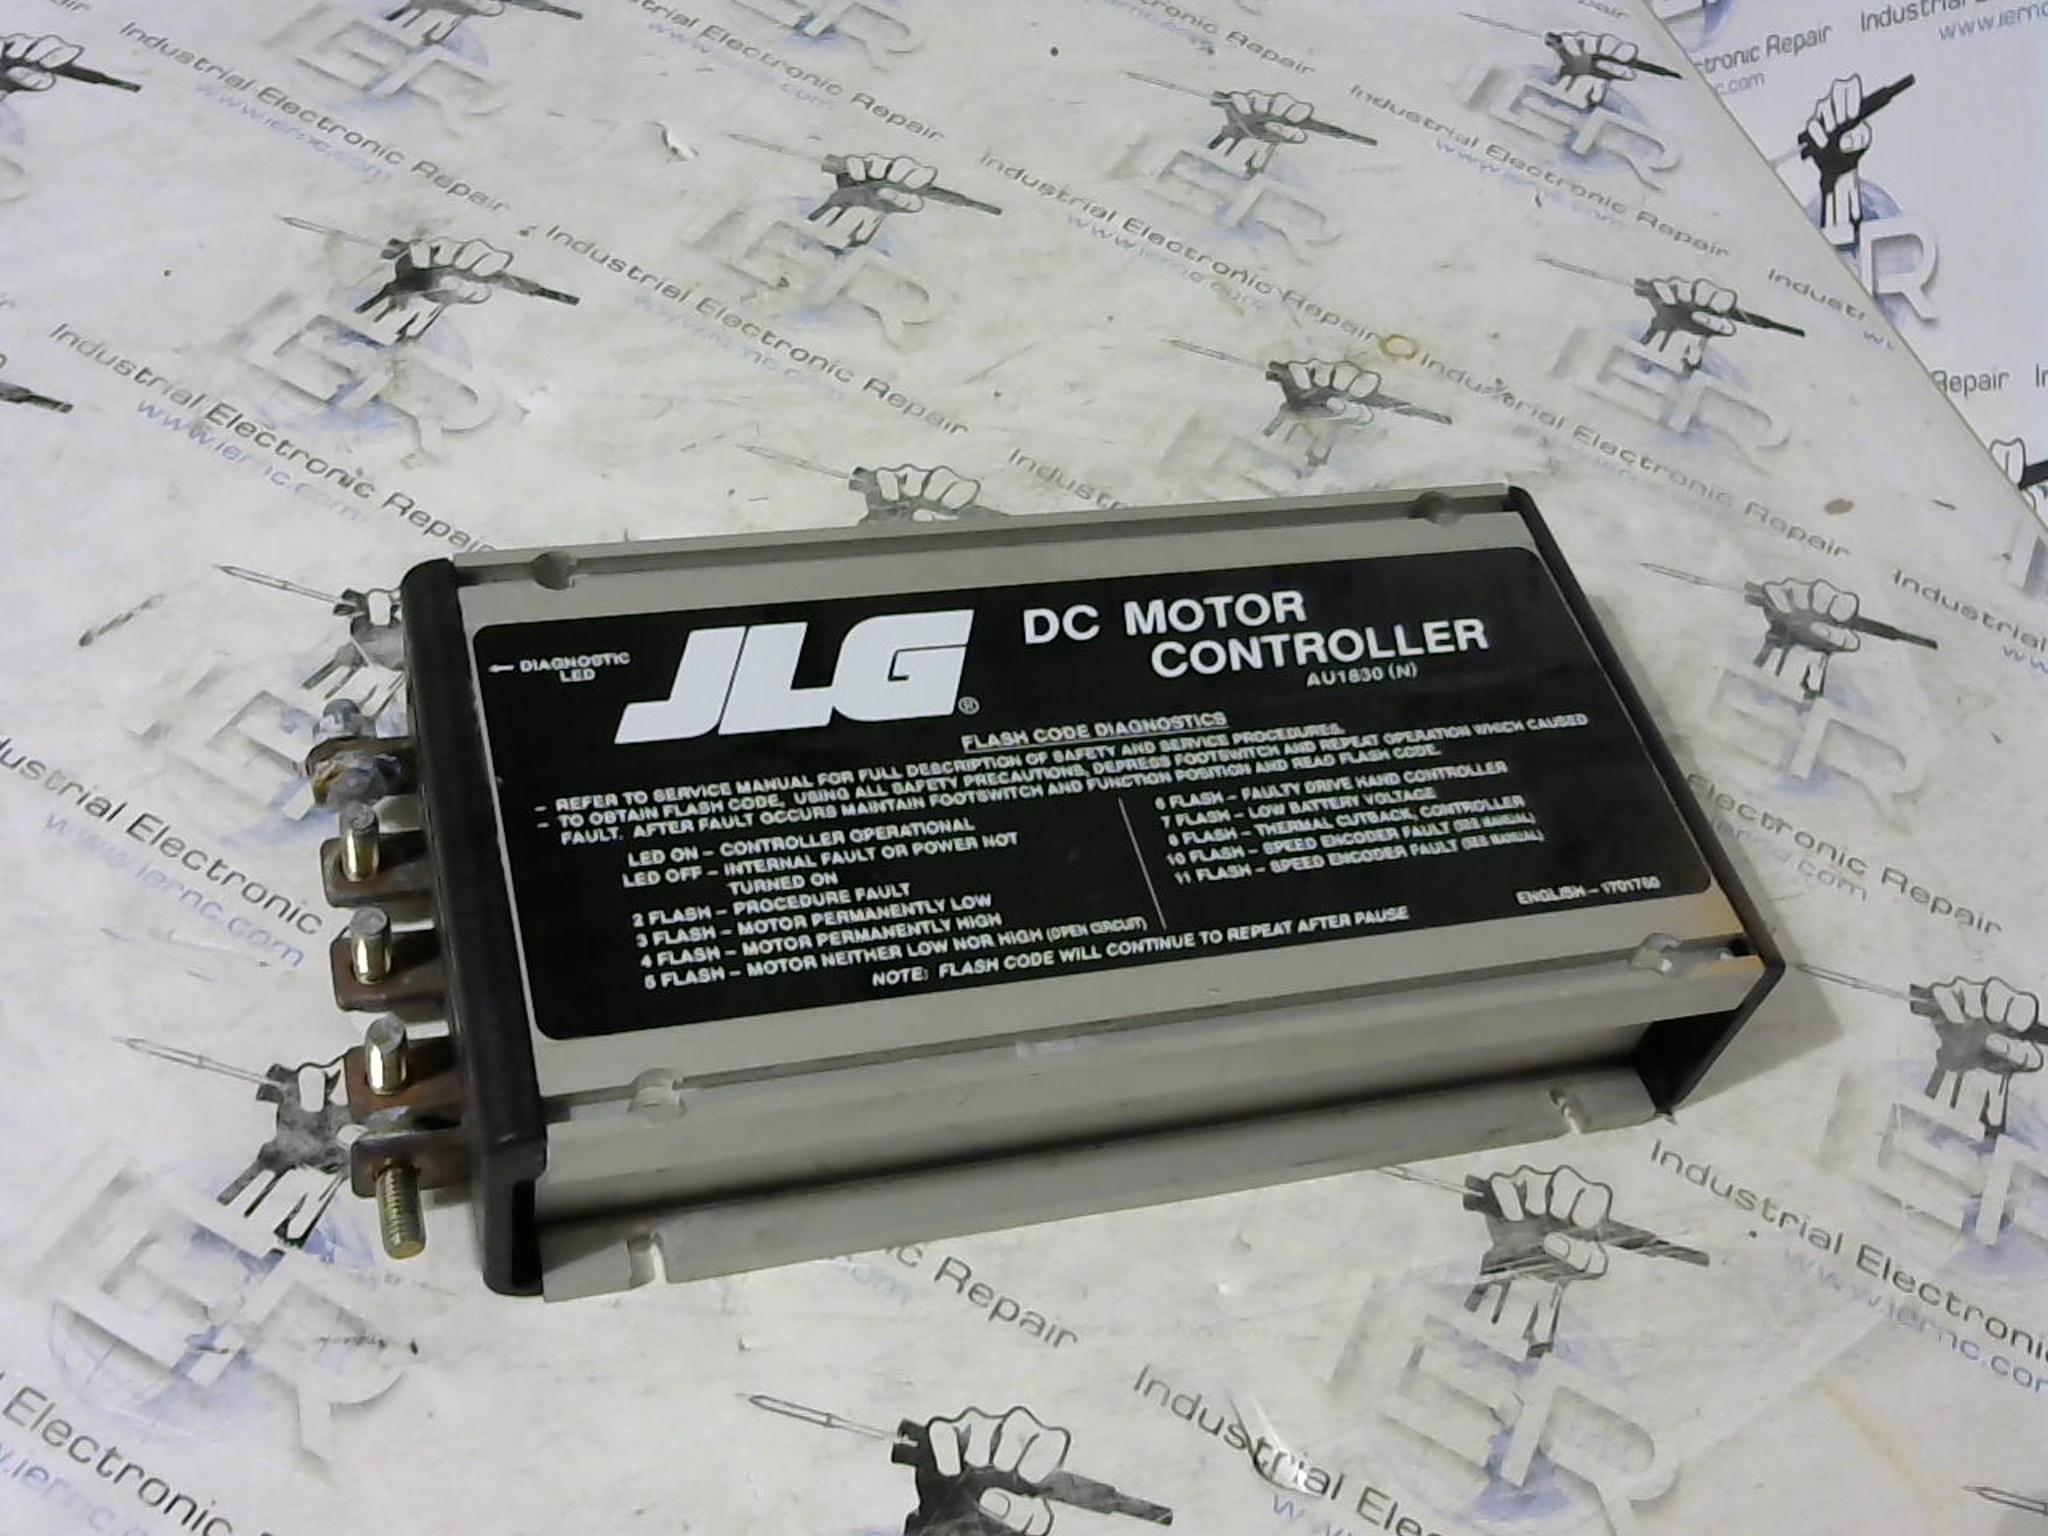 Jlg dc motor controller repair for Industrial dc motor controller